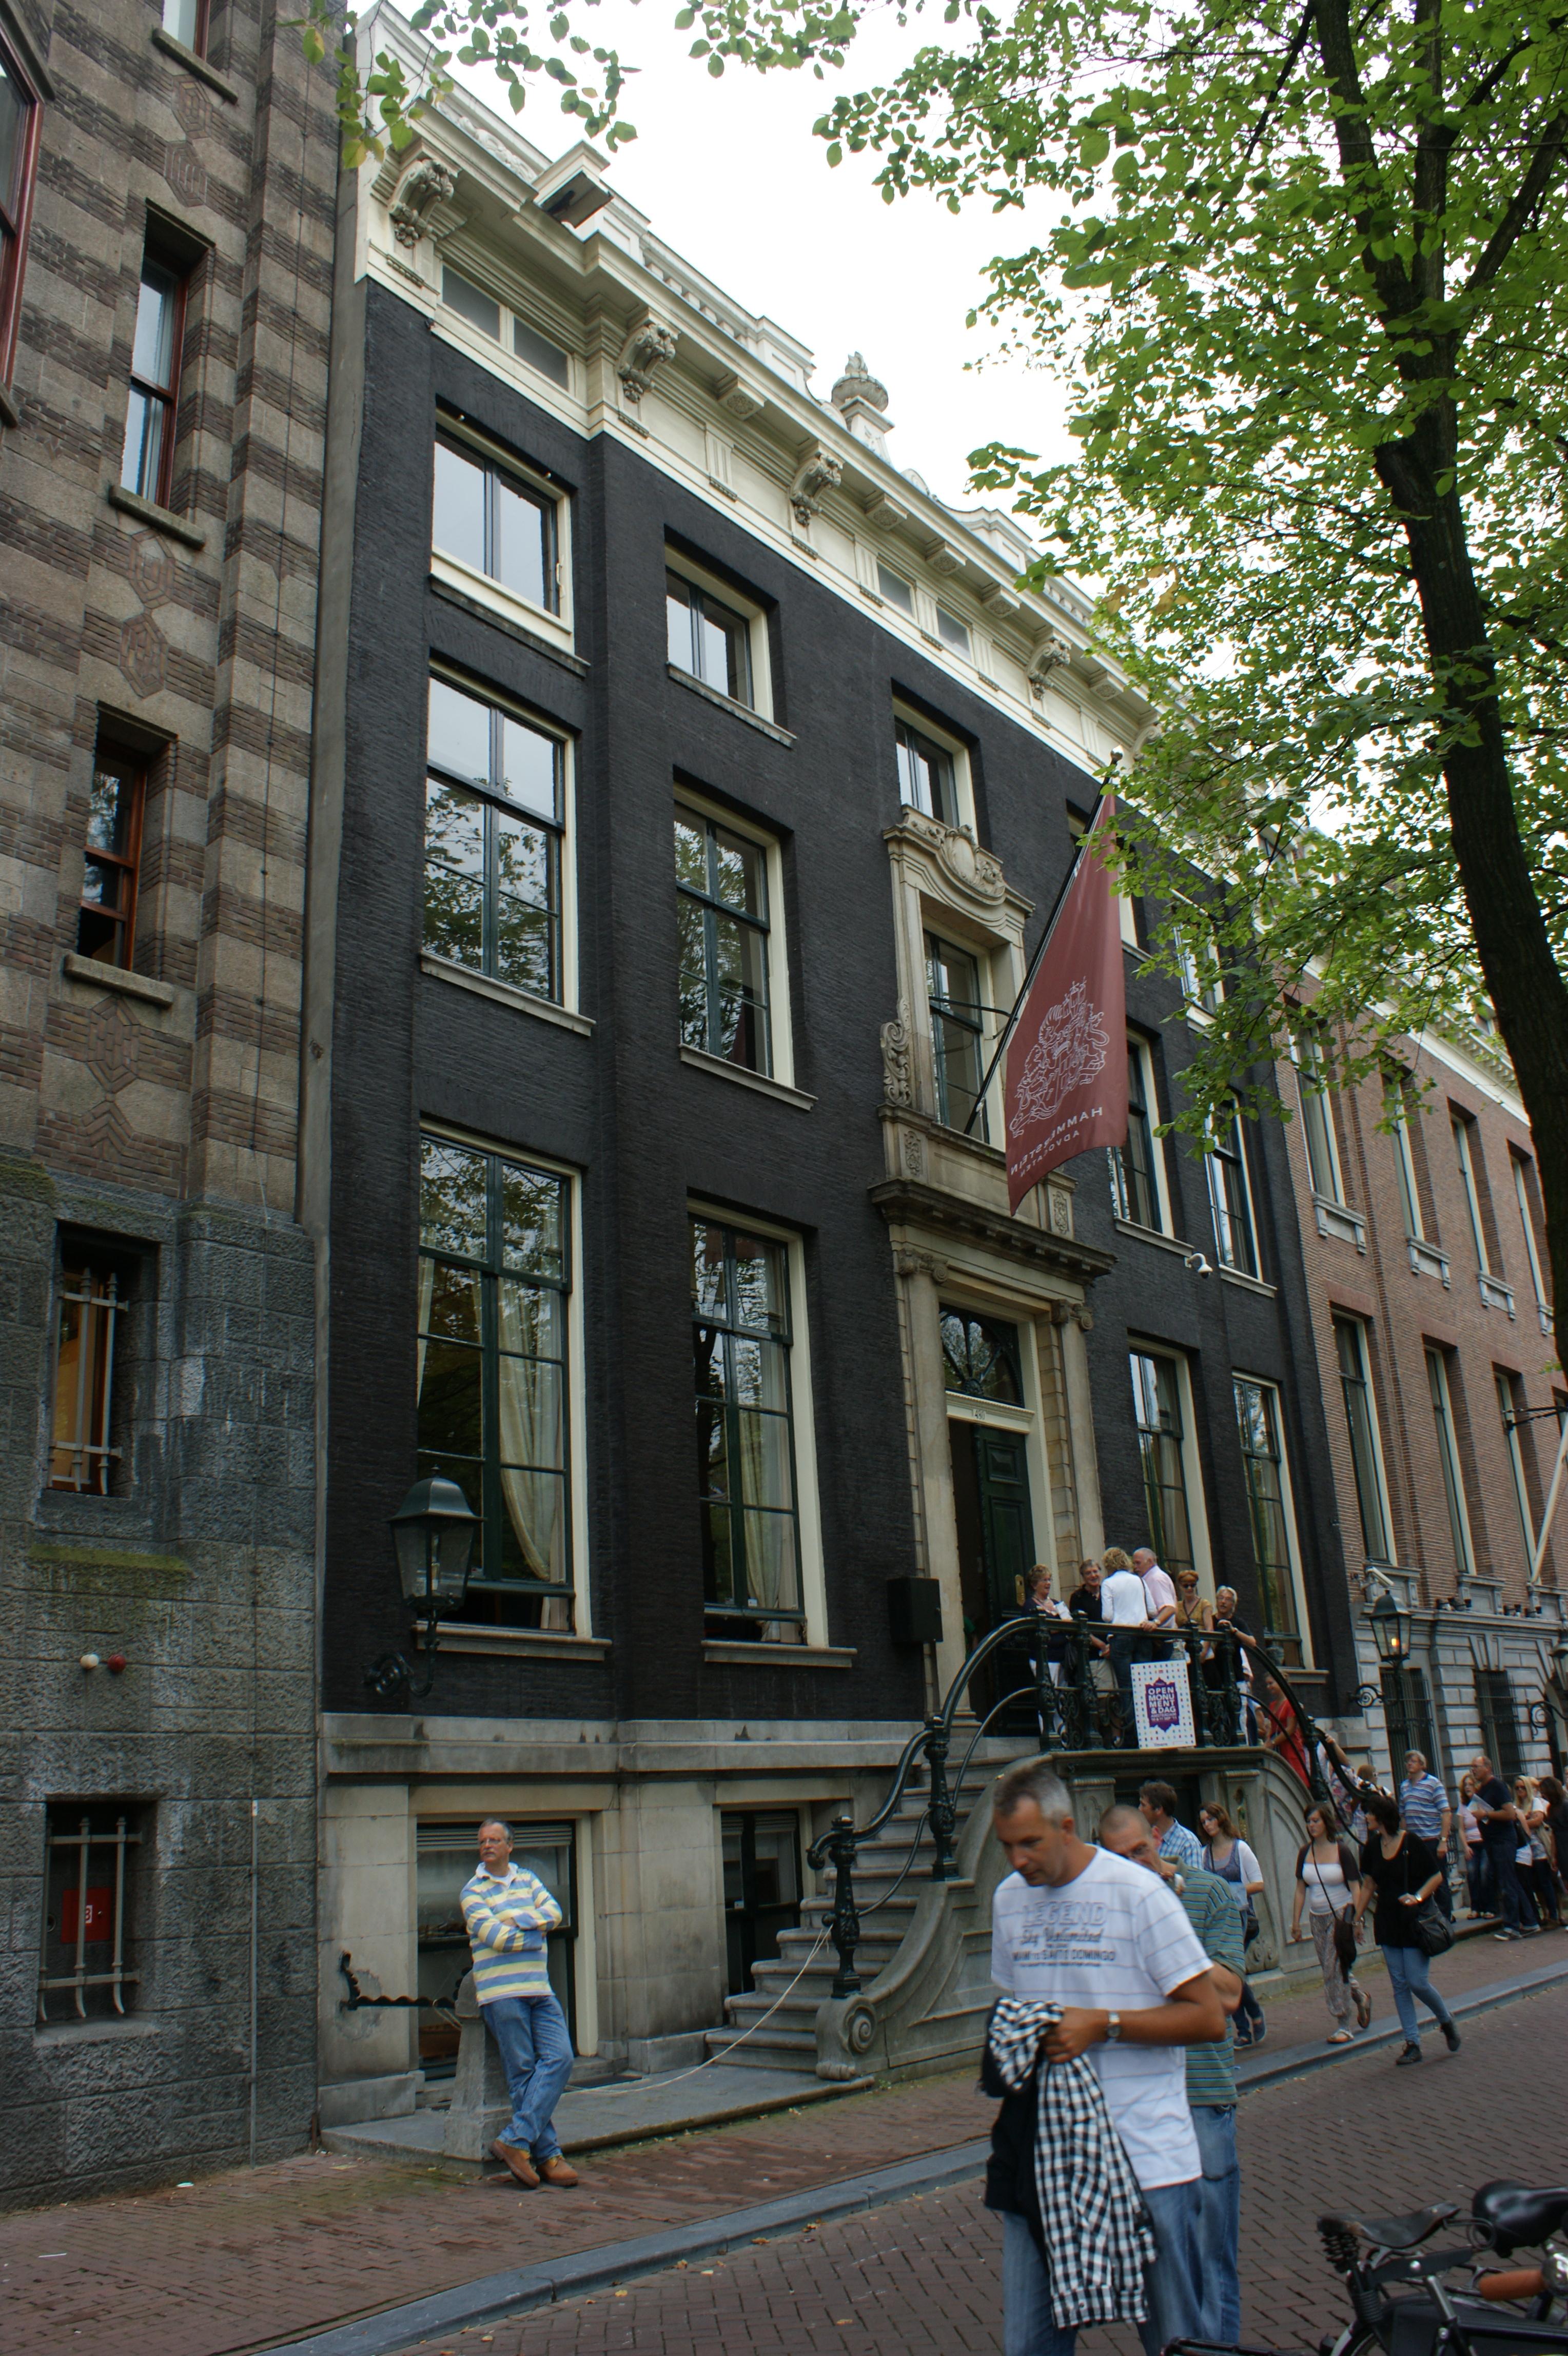 Dubbel huis met gevel voorzien van middenrisaliet en for Herengracht amsterdam